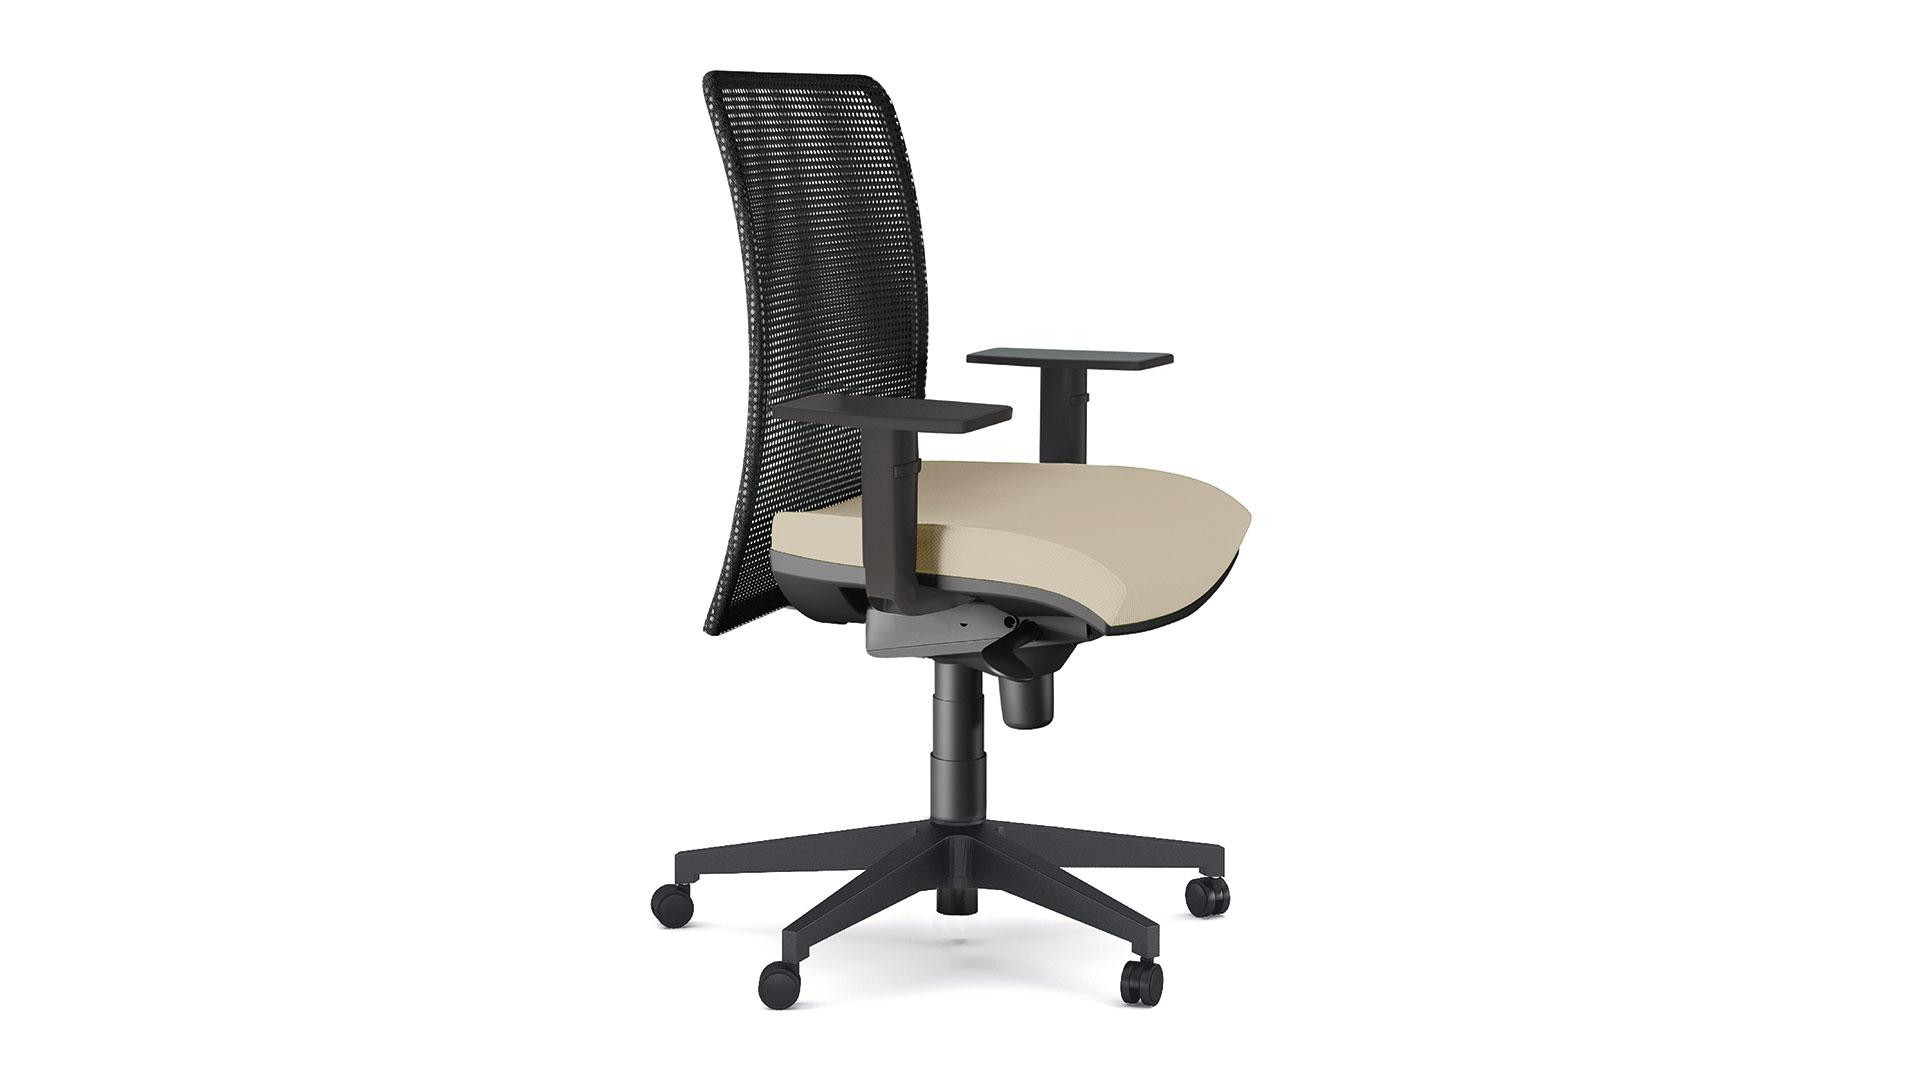 Sedie Ufficio Forsit : Sedie operative cs trading mobili per ufficio e centro per la